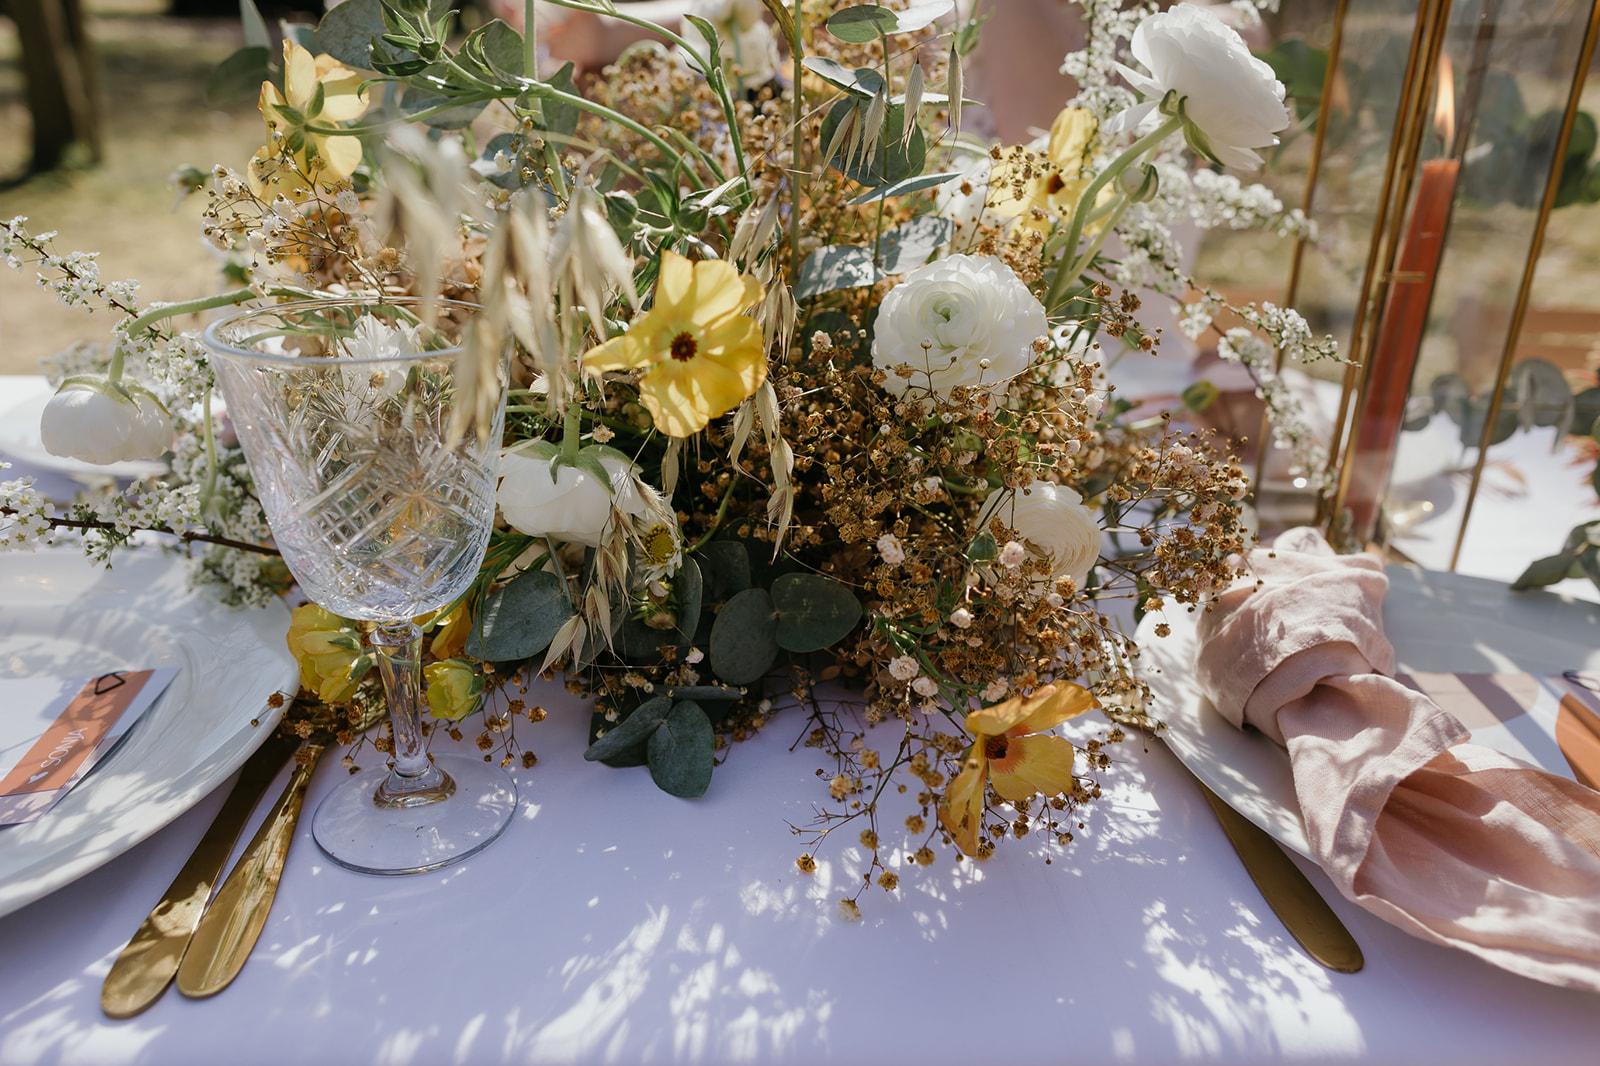 Inspiratie Real Life Wedding Trouwbeleving Online: Trouwen in een kas bij Fletcher Trouwen